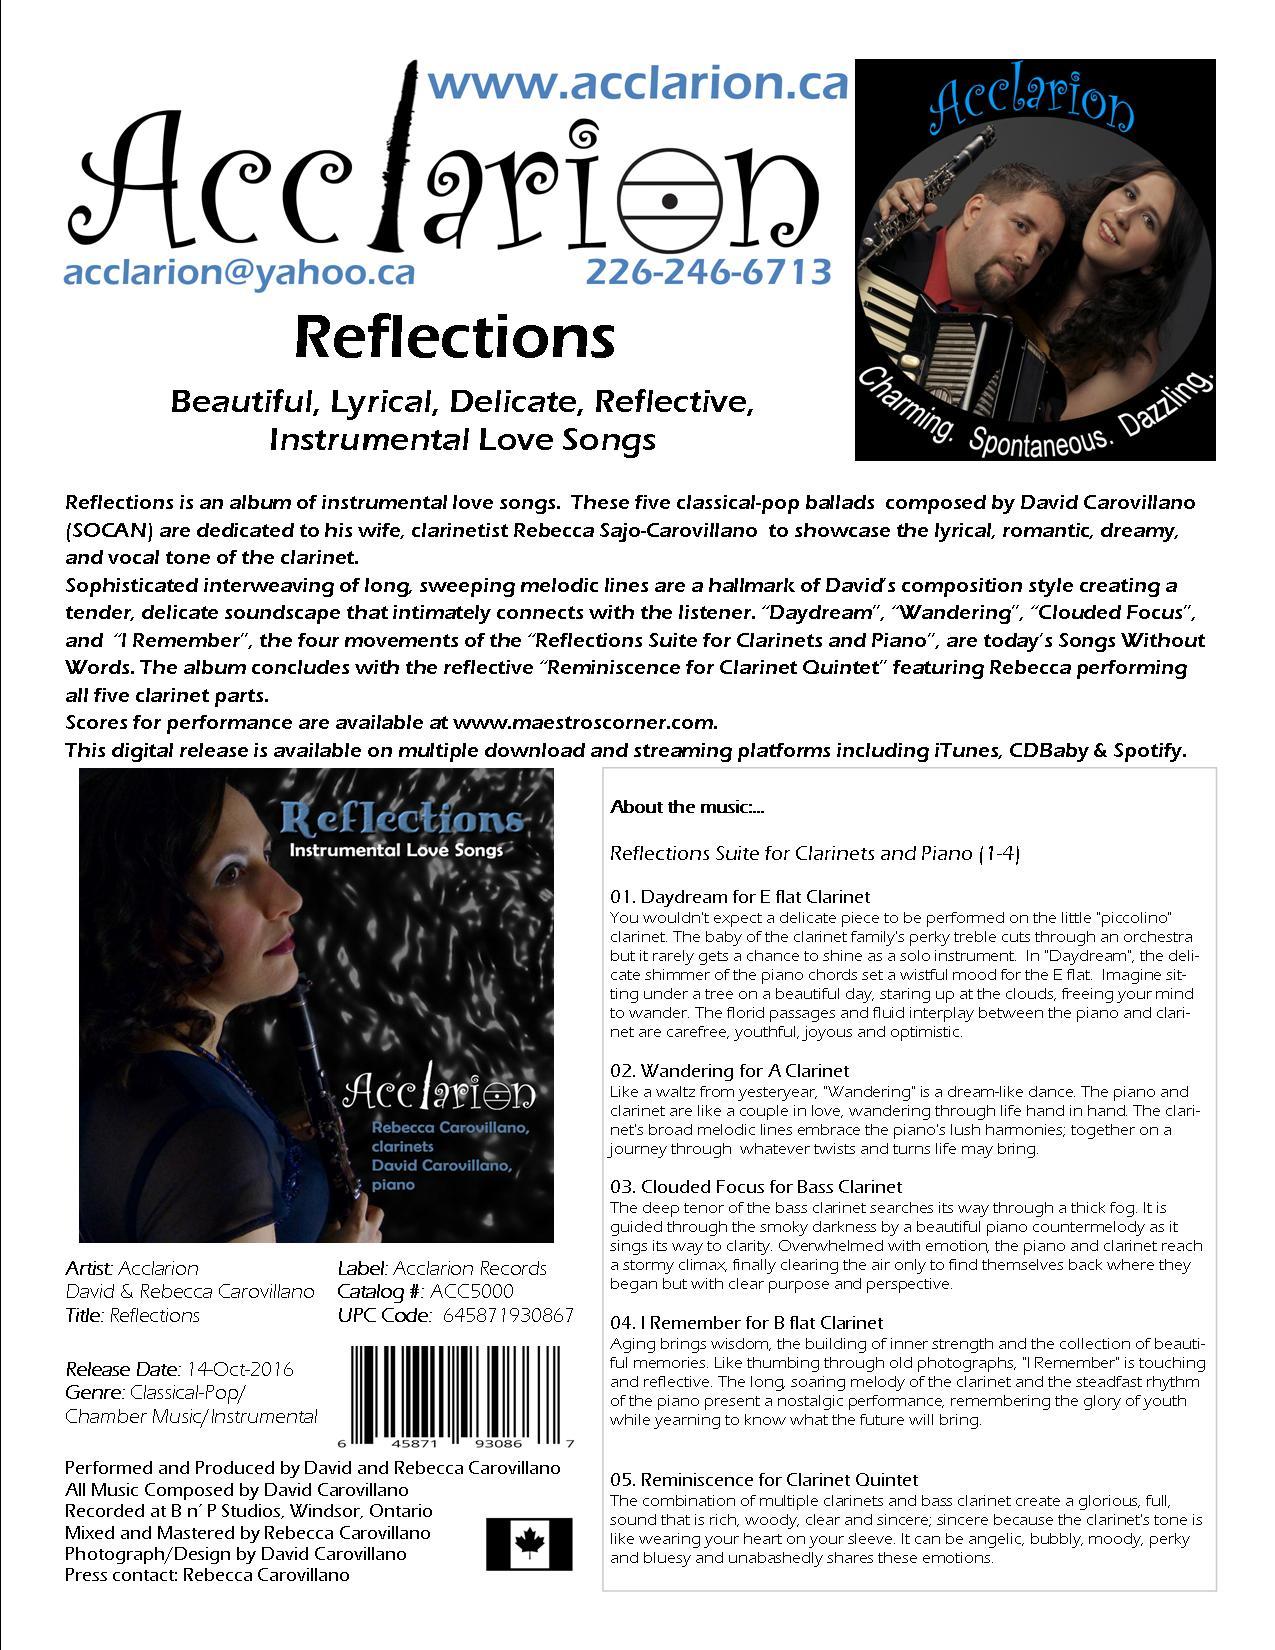 Reflections Album Info